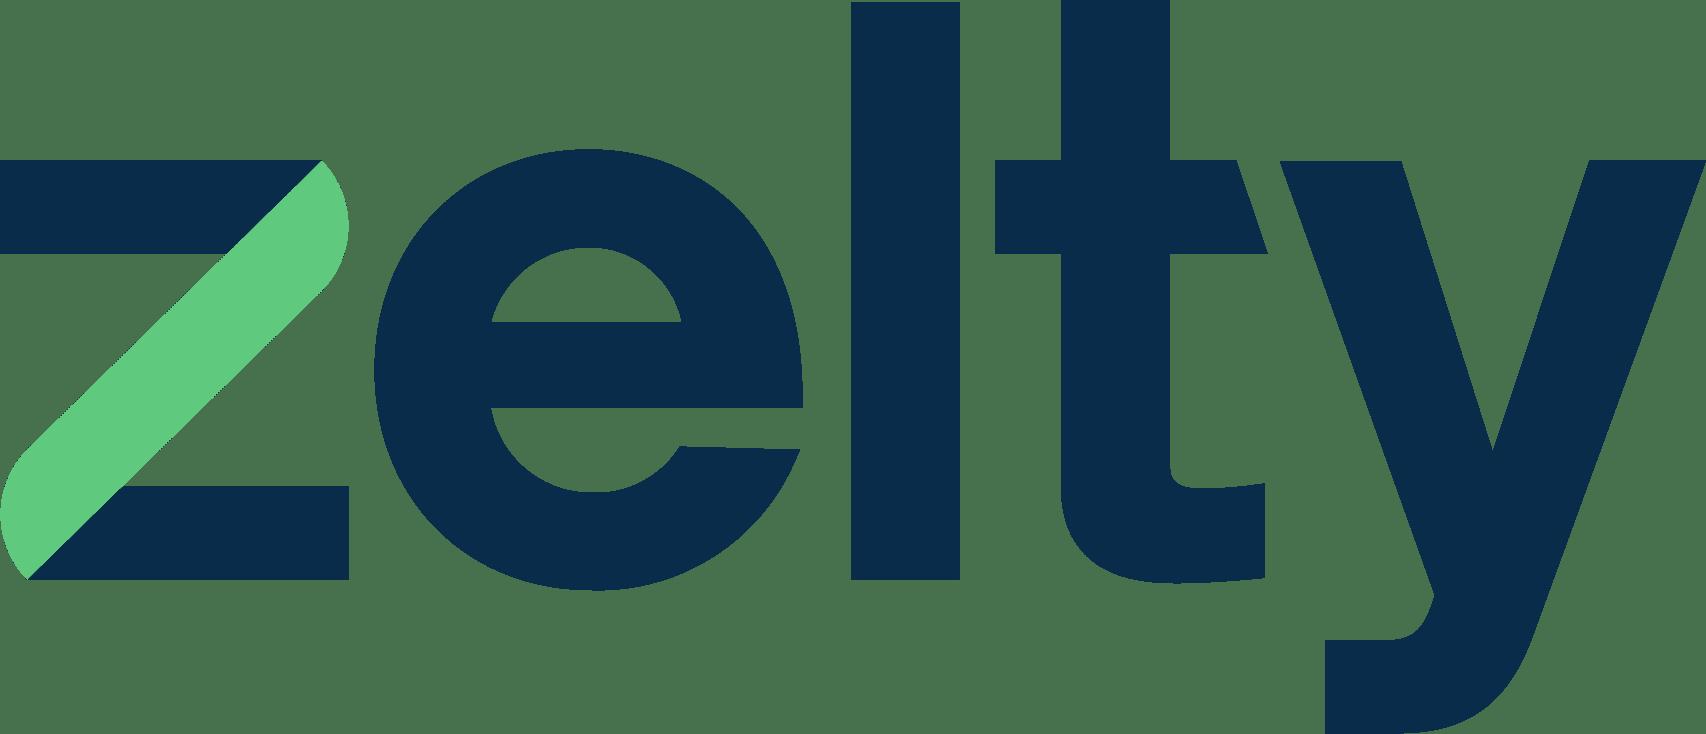 logo Zelty